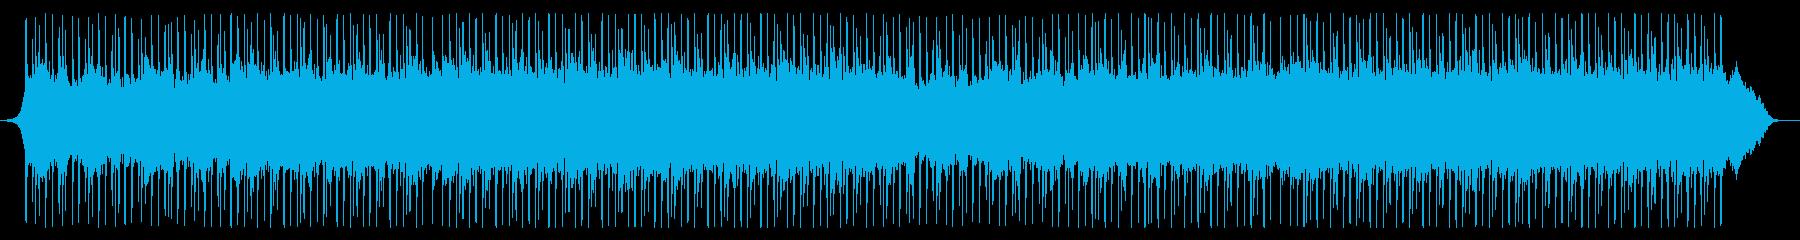 シンセ無しver 鉄琴 Historyの再生済みの波形